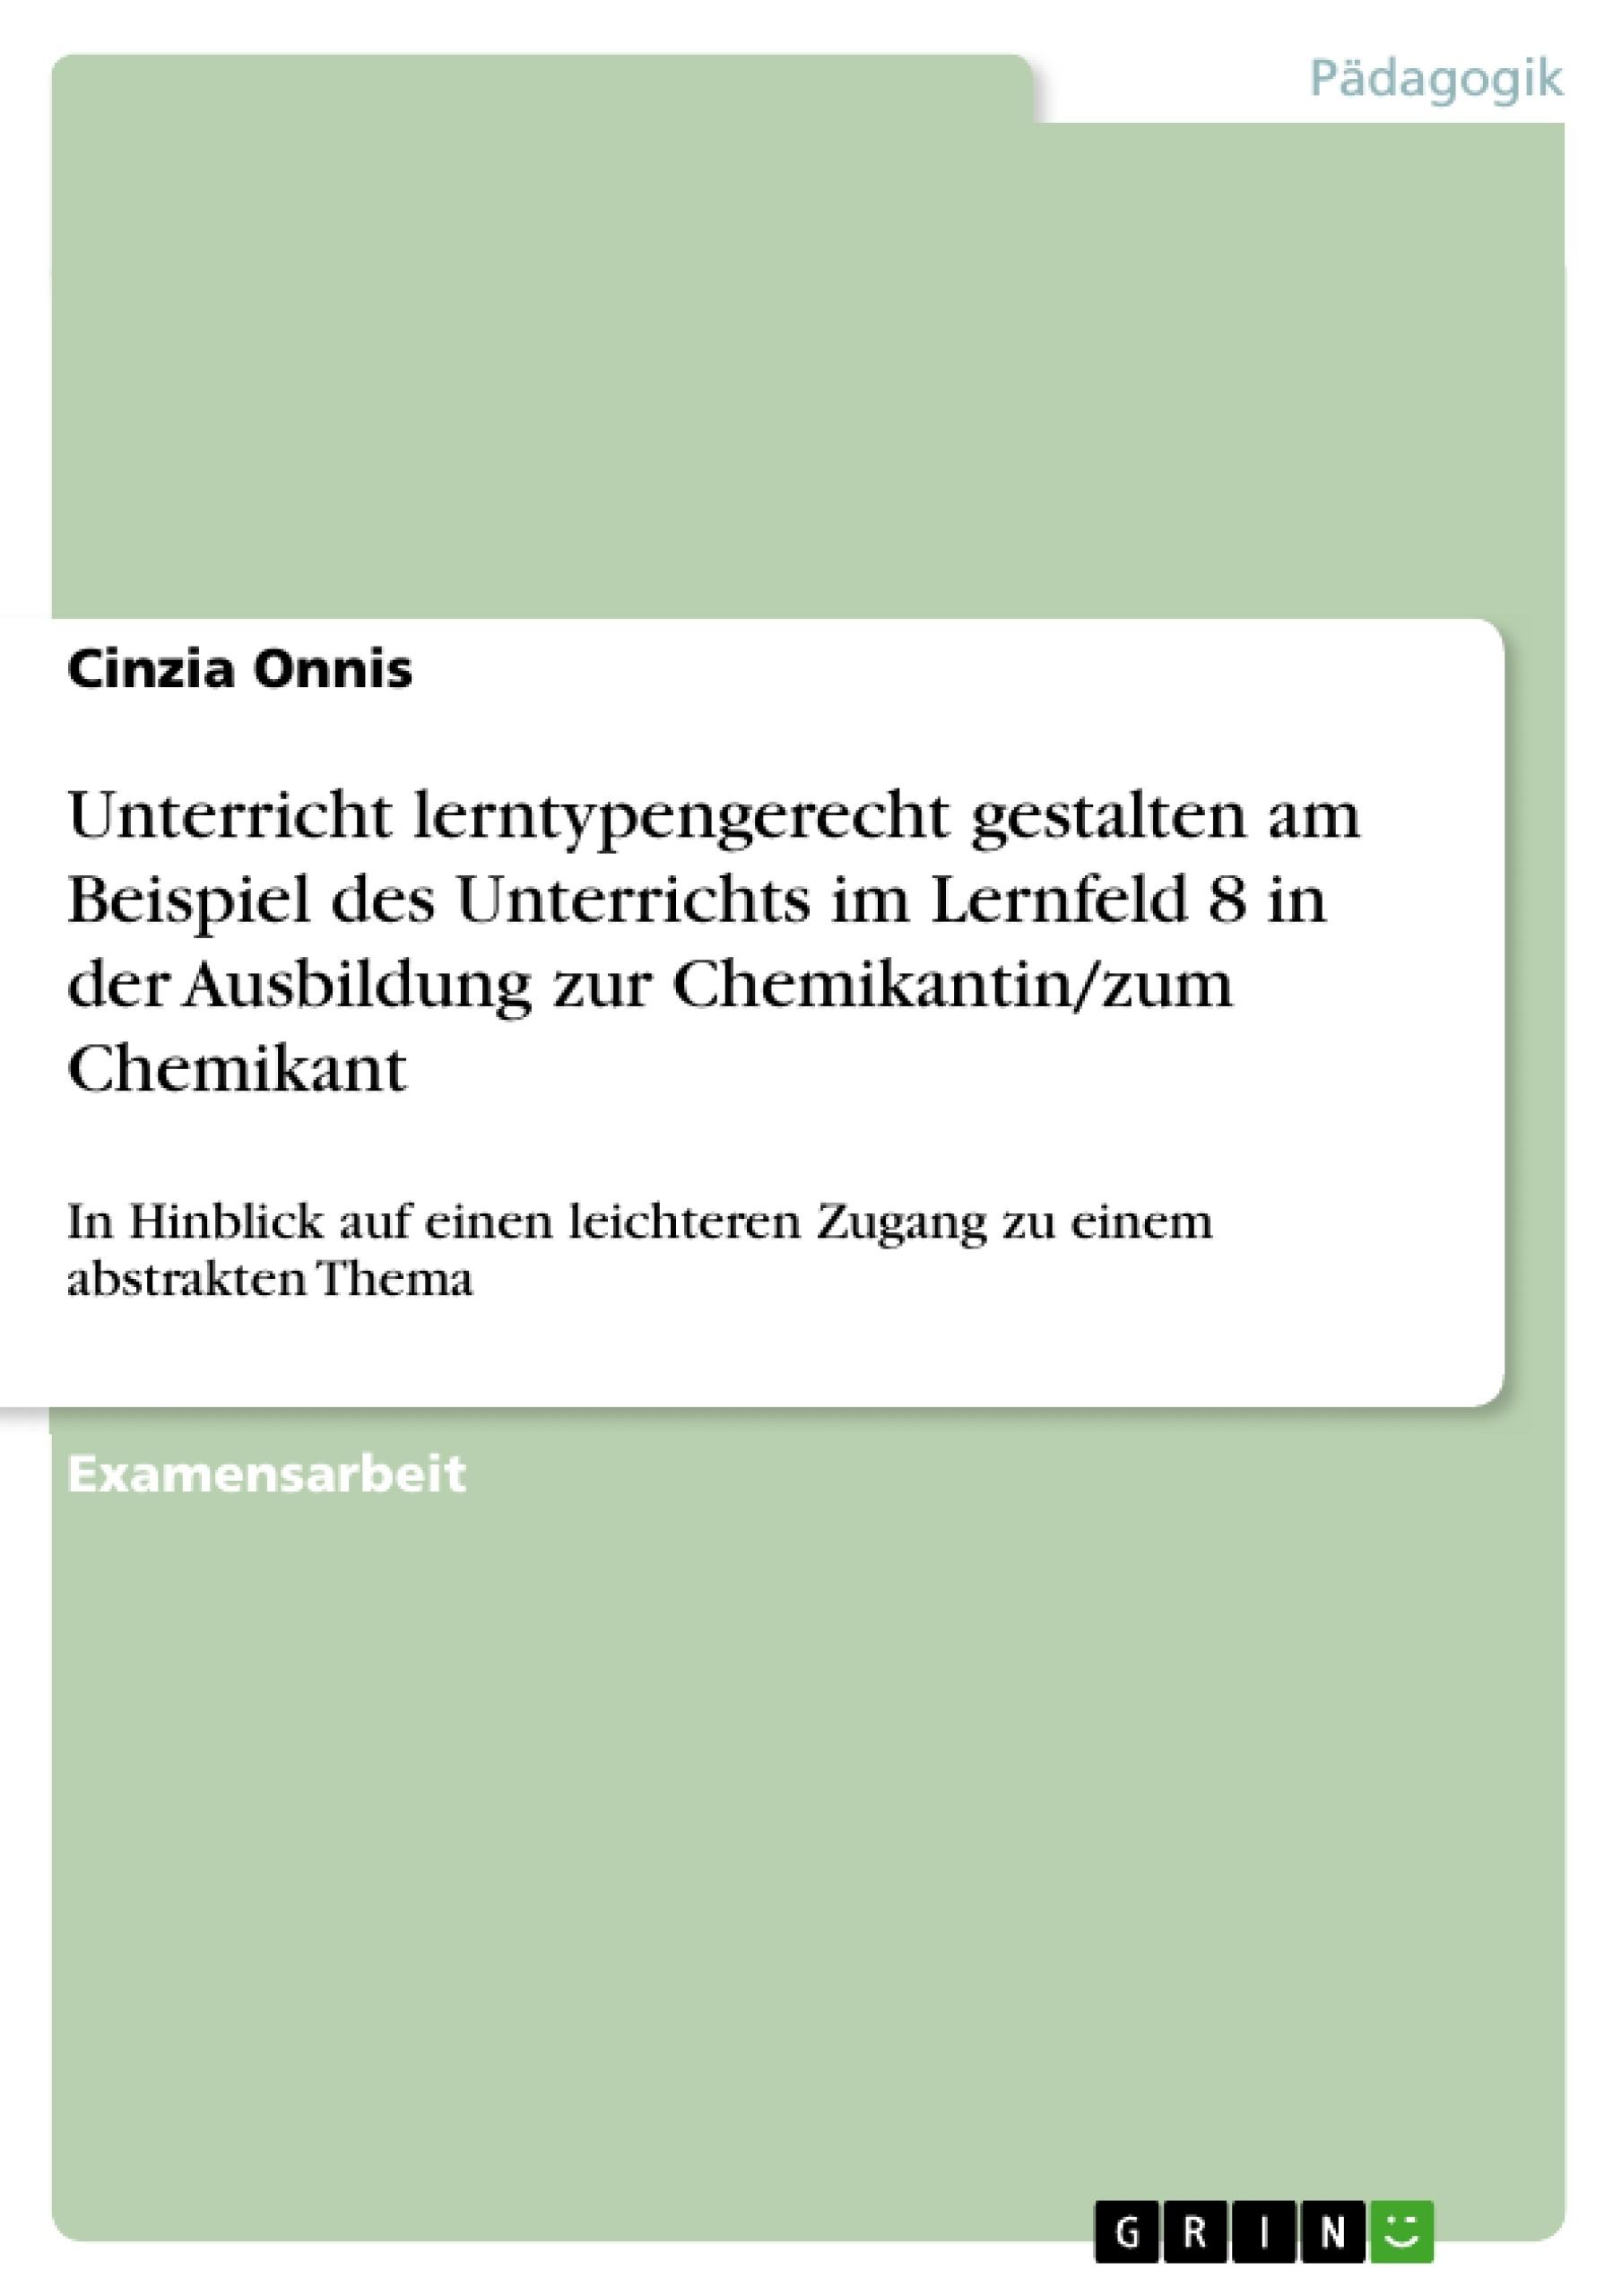 Titel: Unterricht lerntypengerecht gestalten am Beispiel des Unterrichts im Lernfeld 8 in der Ausbildung zur Chemikantin/zum Chemikant